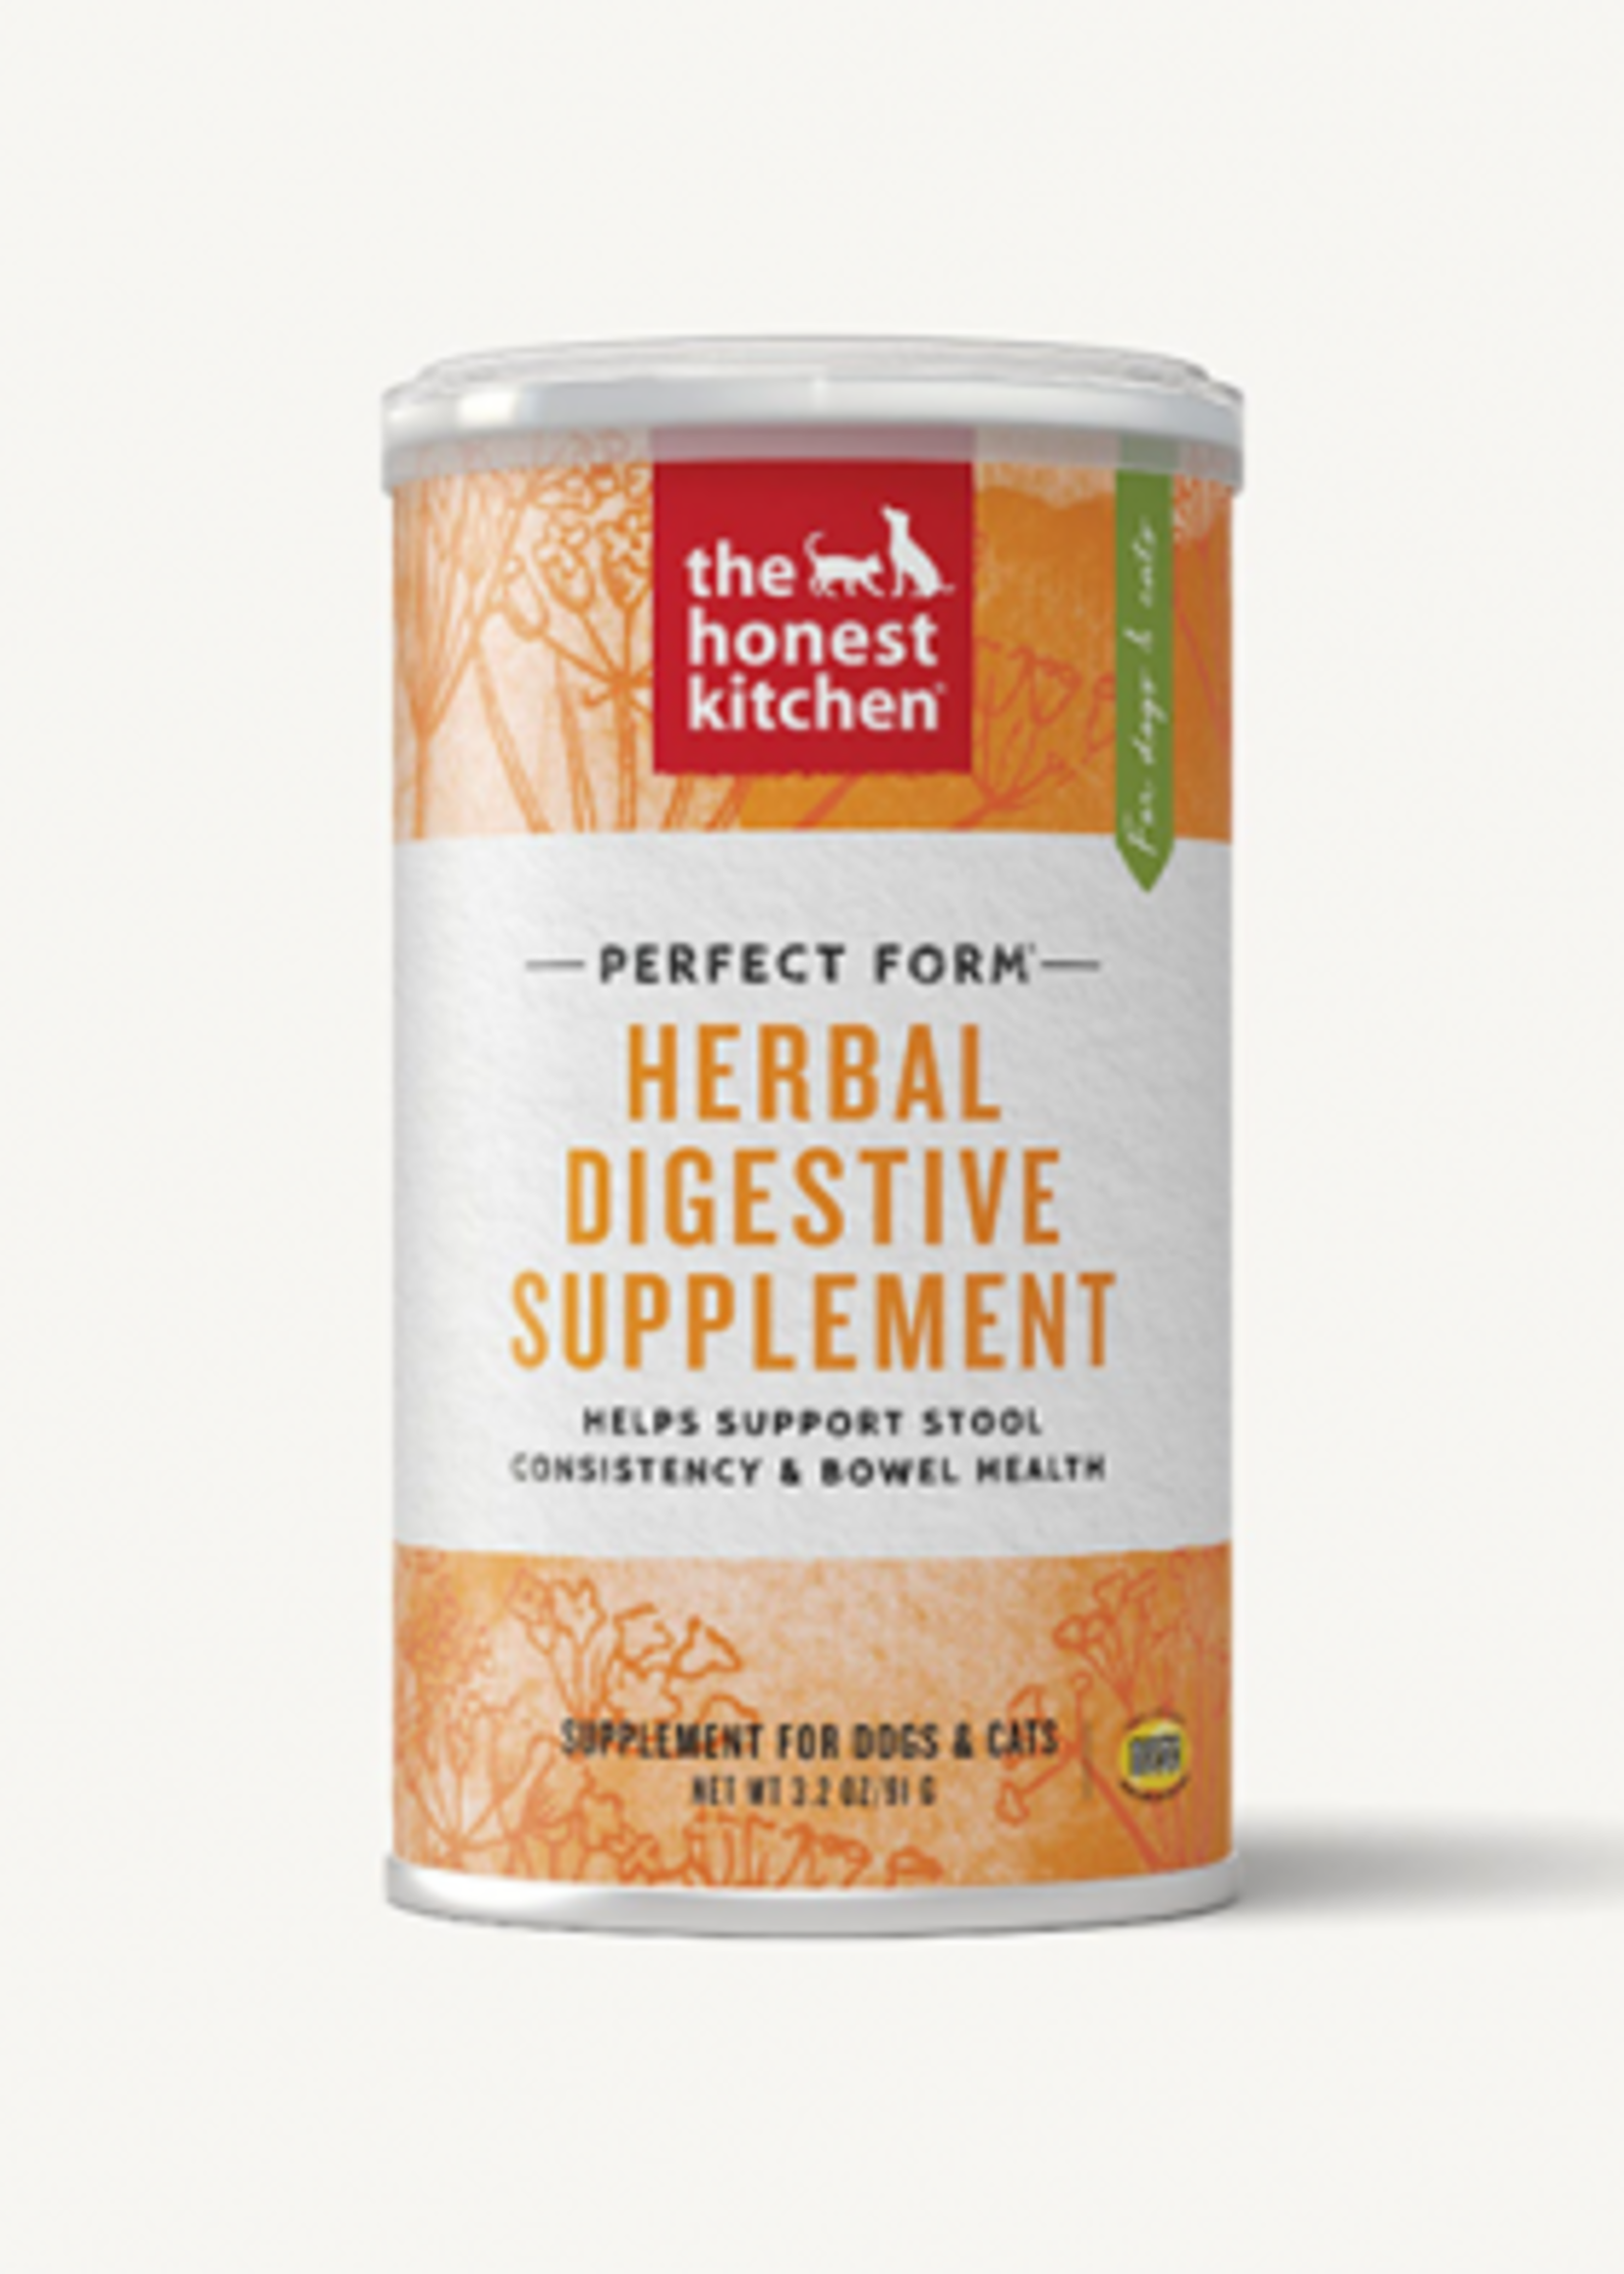 The Honest Kitchen® Honest Kitchen Perfect Form® Herbal Digestive Supplement 3.2 oz